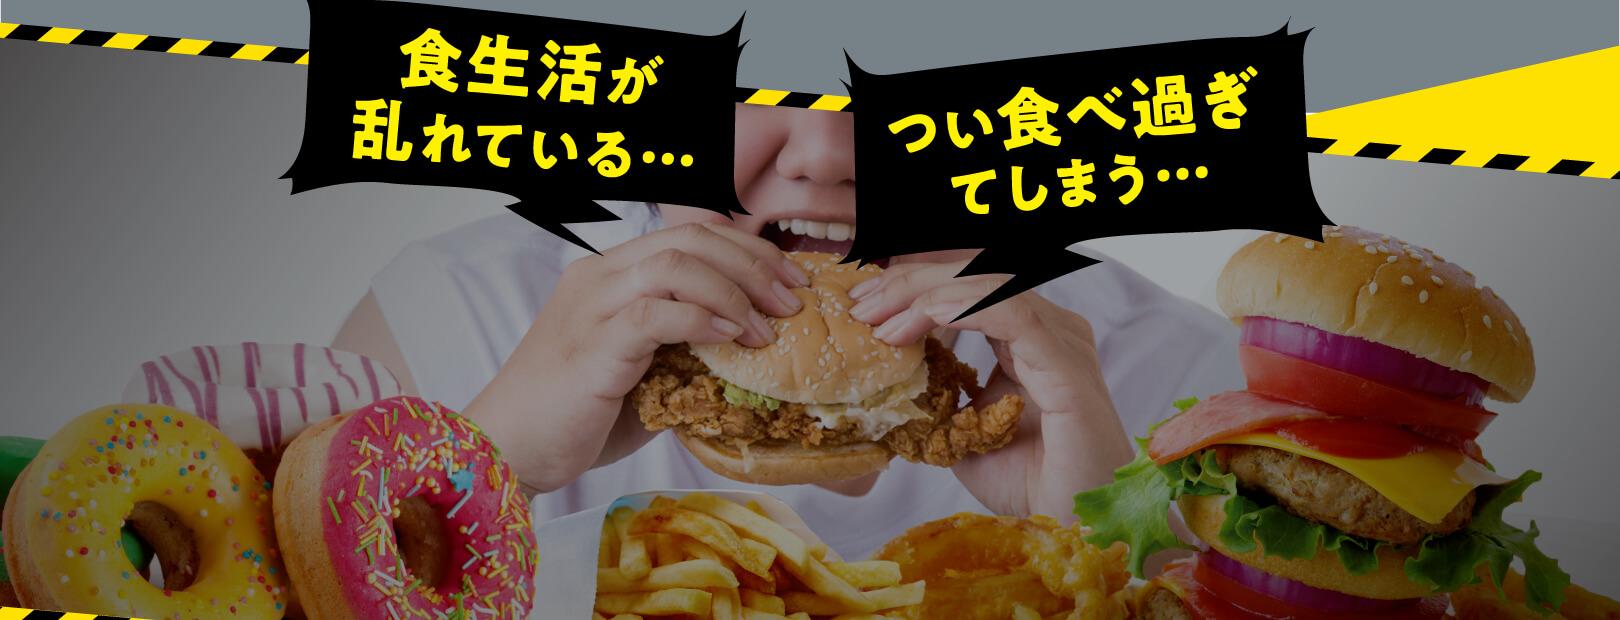 食生活が乱れている…つい食べ過ぎてしまう…